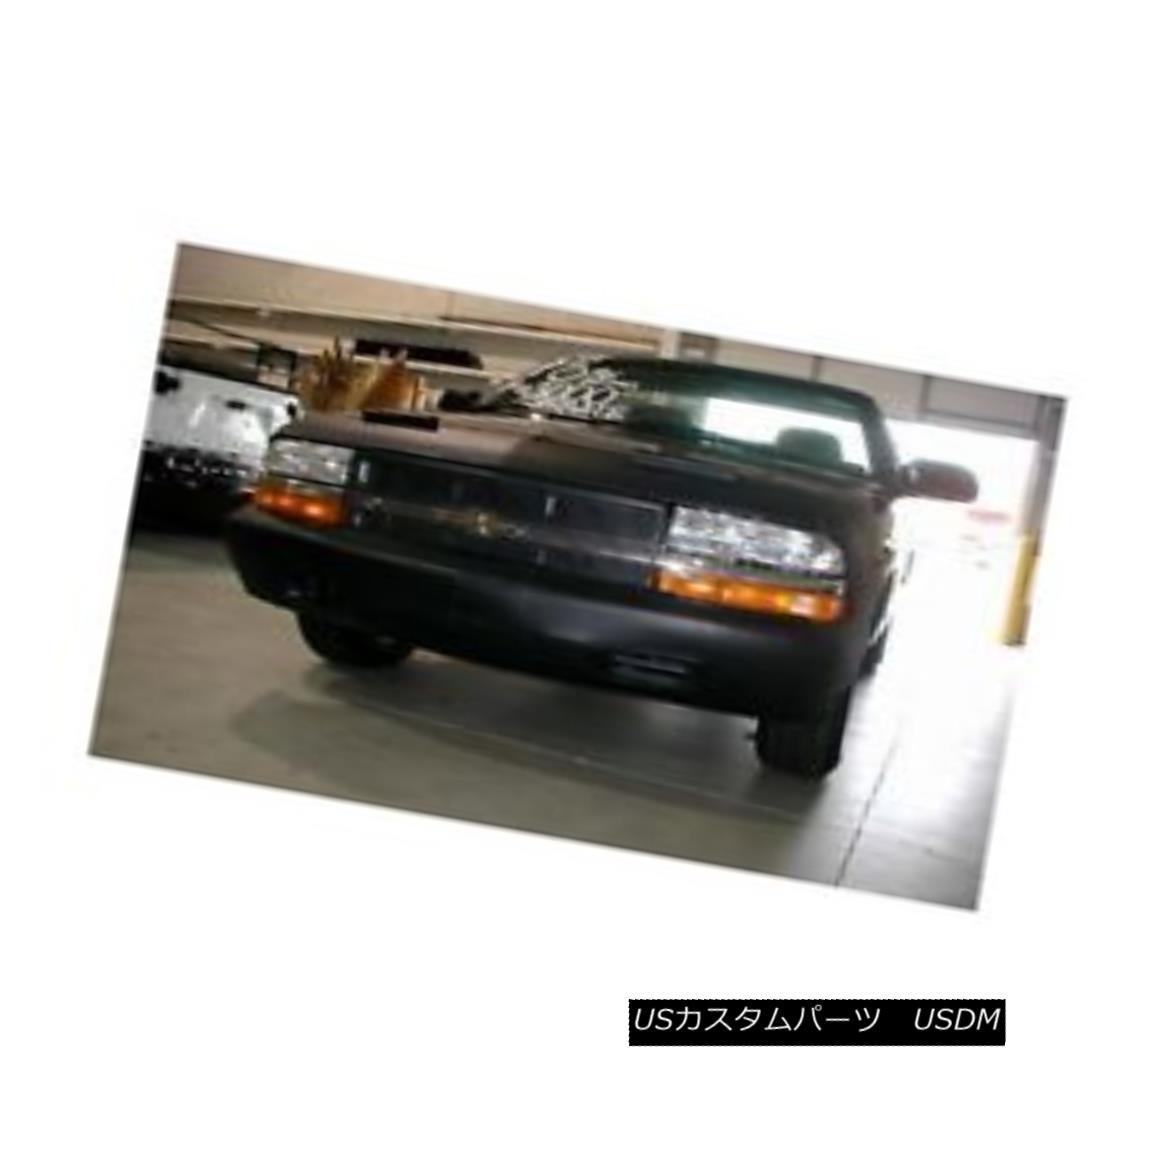 フルブラ ノーズブラ Lebra Front End Mask Bra Fits Chevrolet S10 Base model only 2000-2005 00-05 LebraフロントエンドマスクブラはChevrolet S10に適合するベースモデルのみ2000-2005 00-05